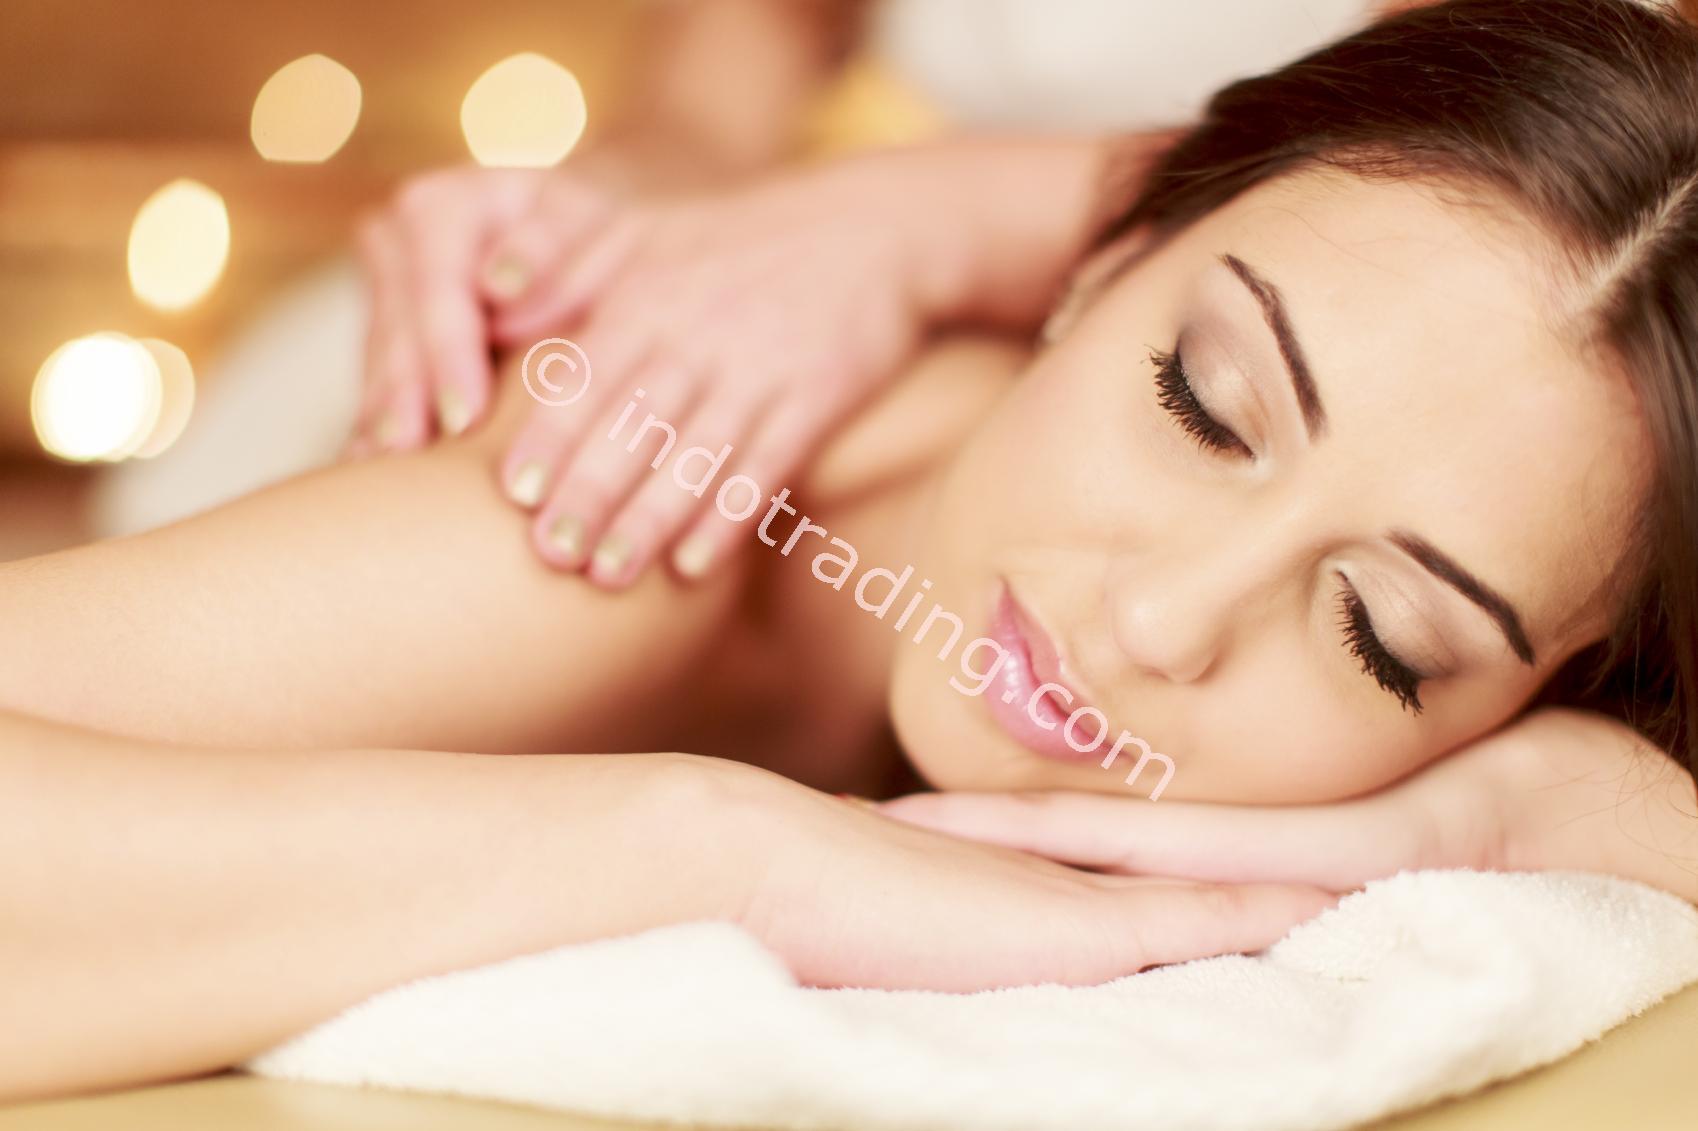 Фото самого больного массажа фото 7 фотография